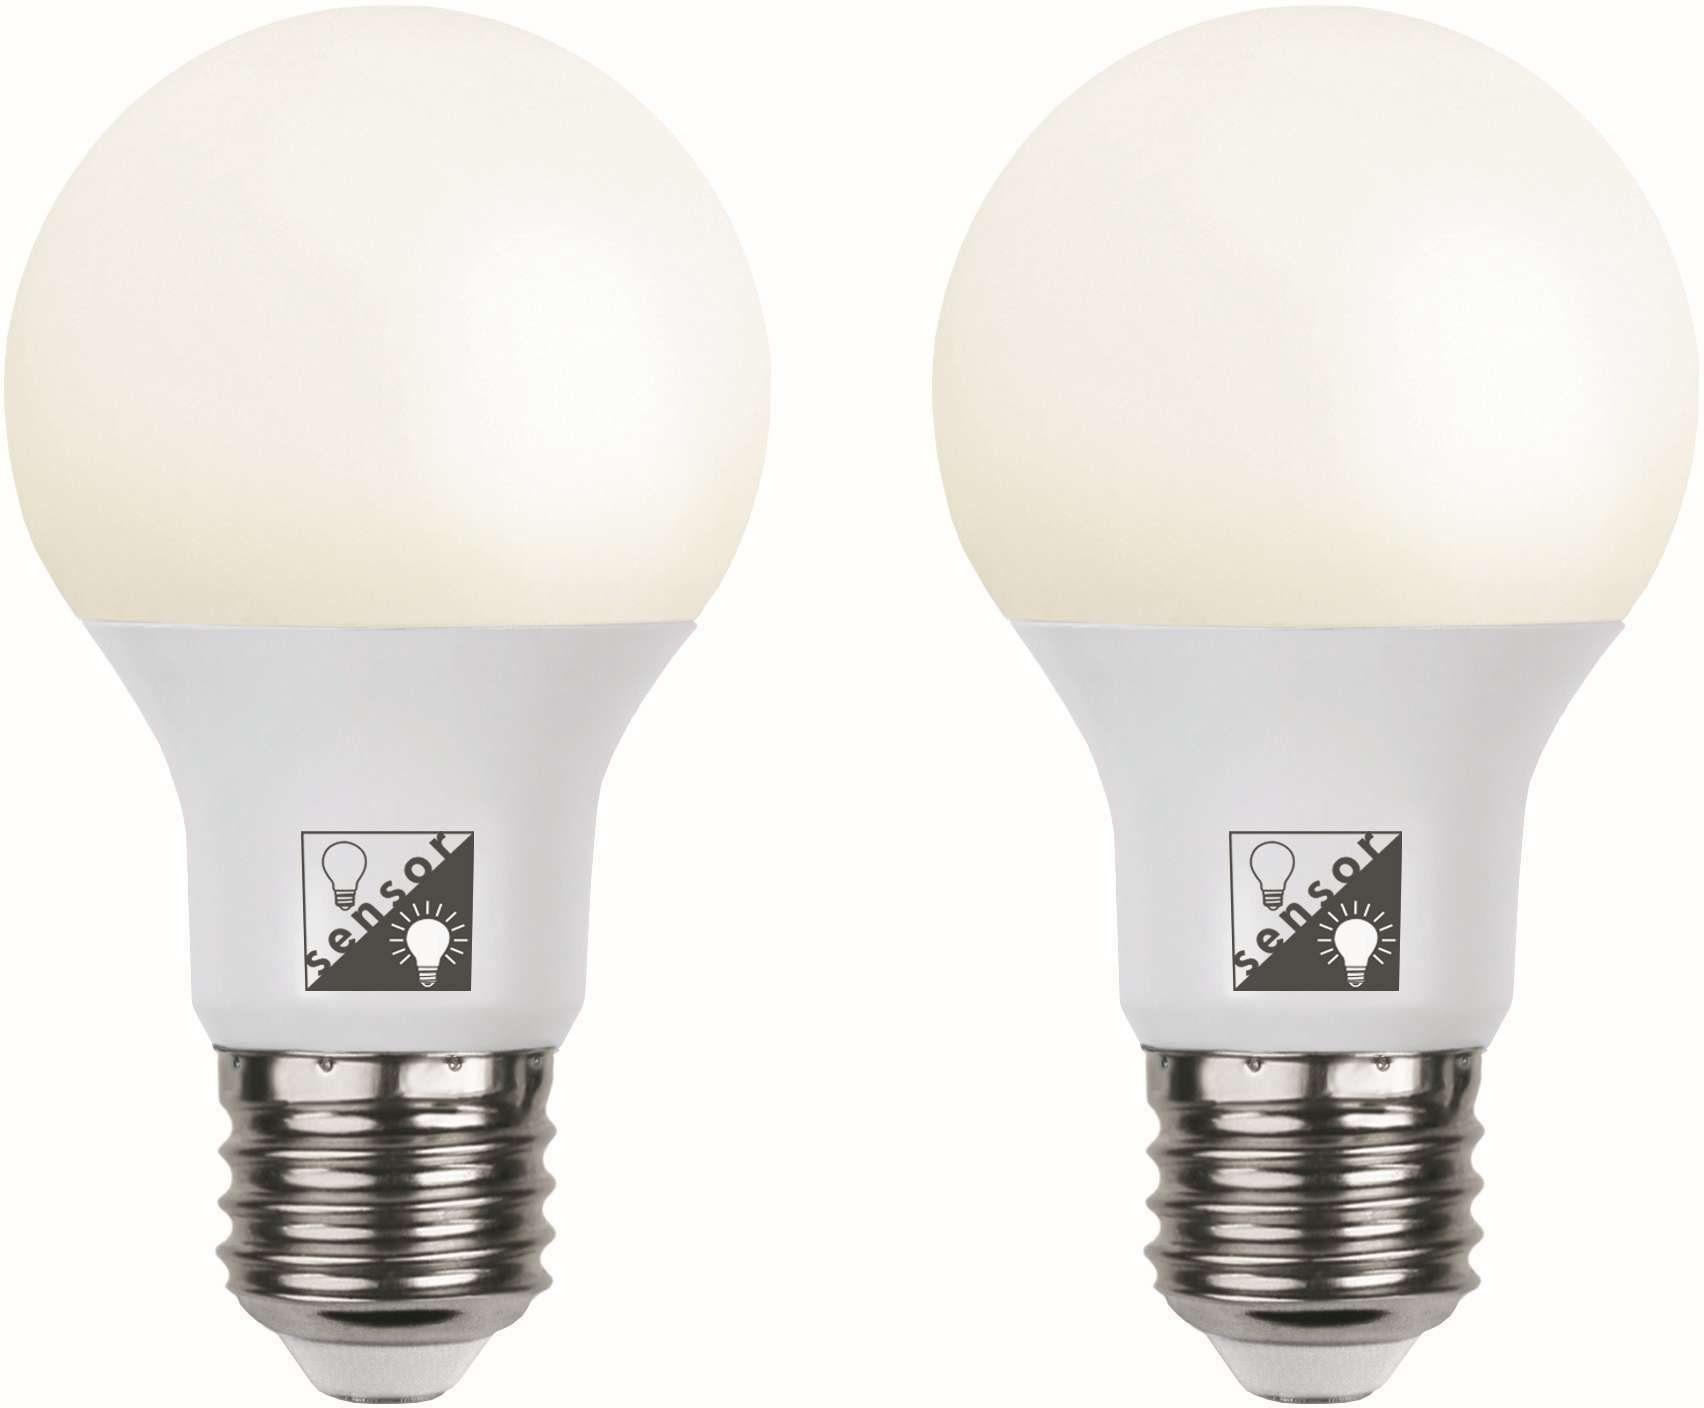 Star LED-Leuchtmittel »Smart LED«